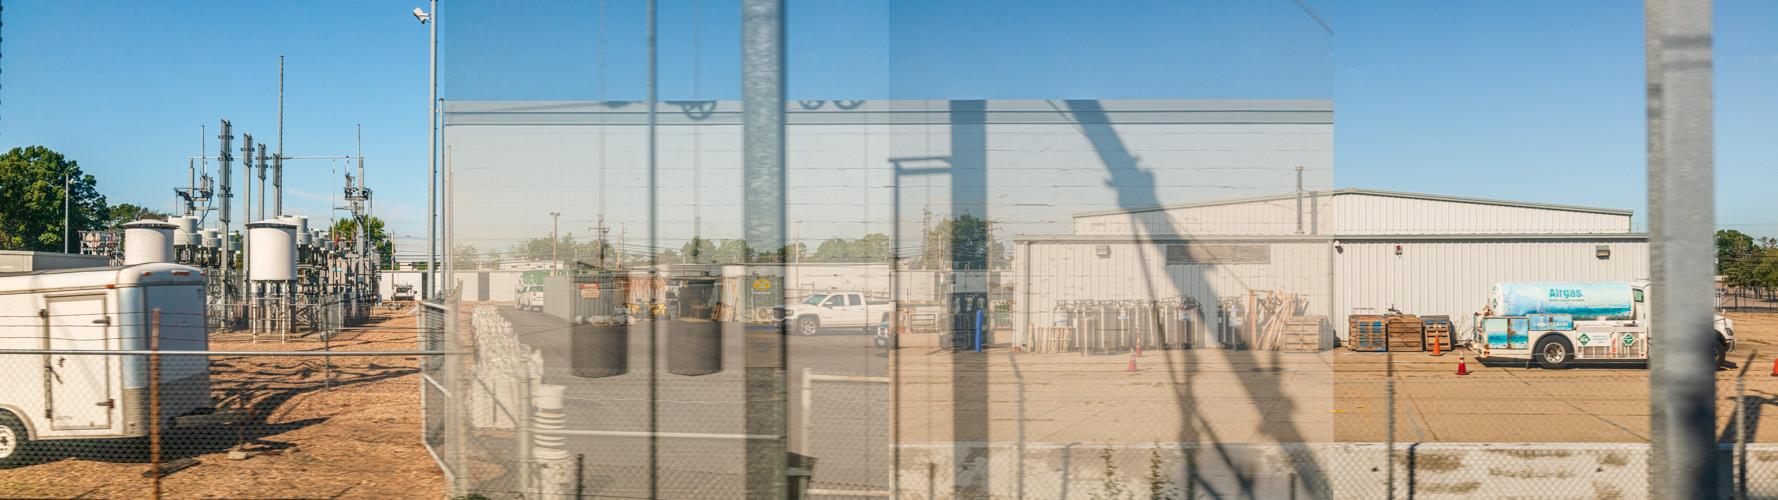 Northbound-3.jpg